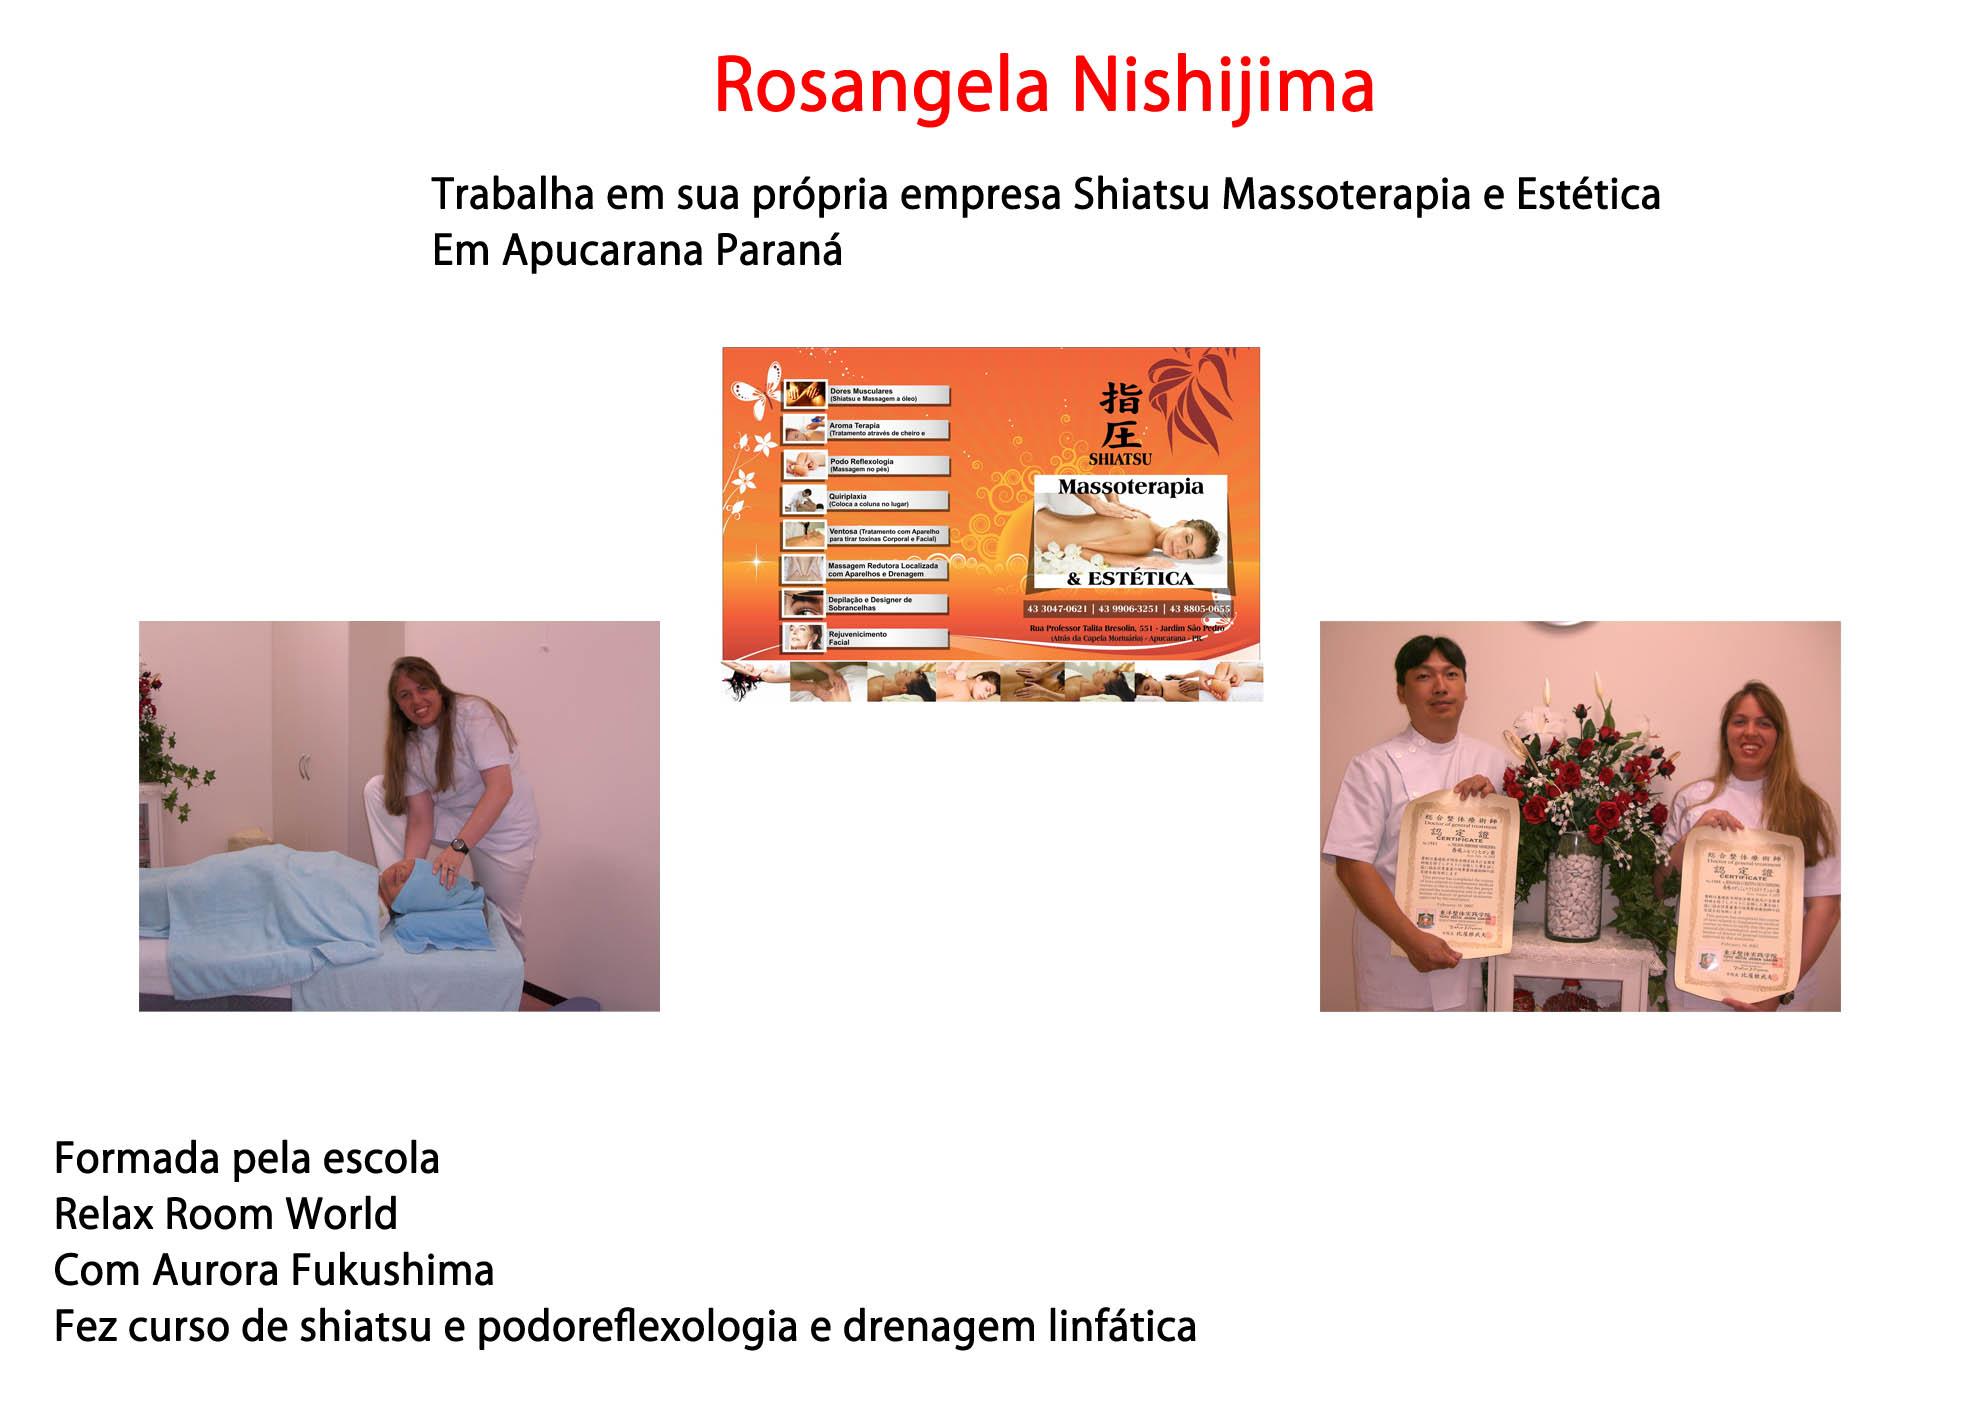 Rosangela nishijima